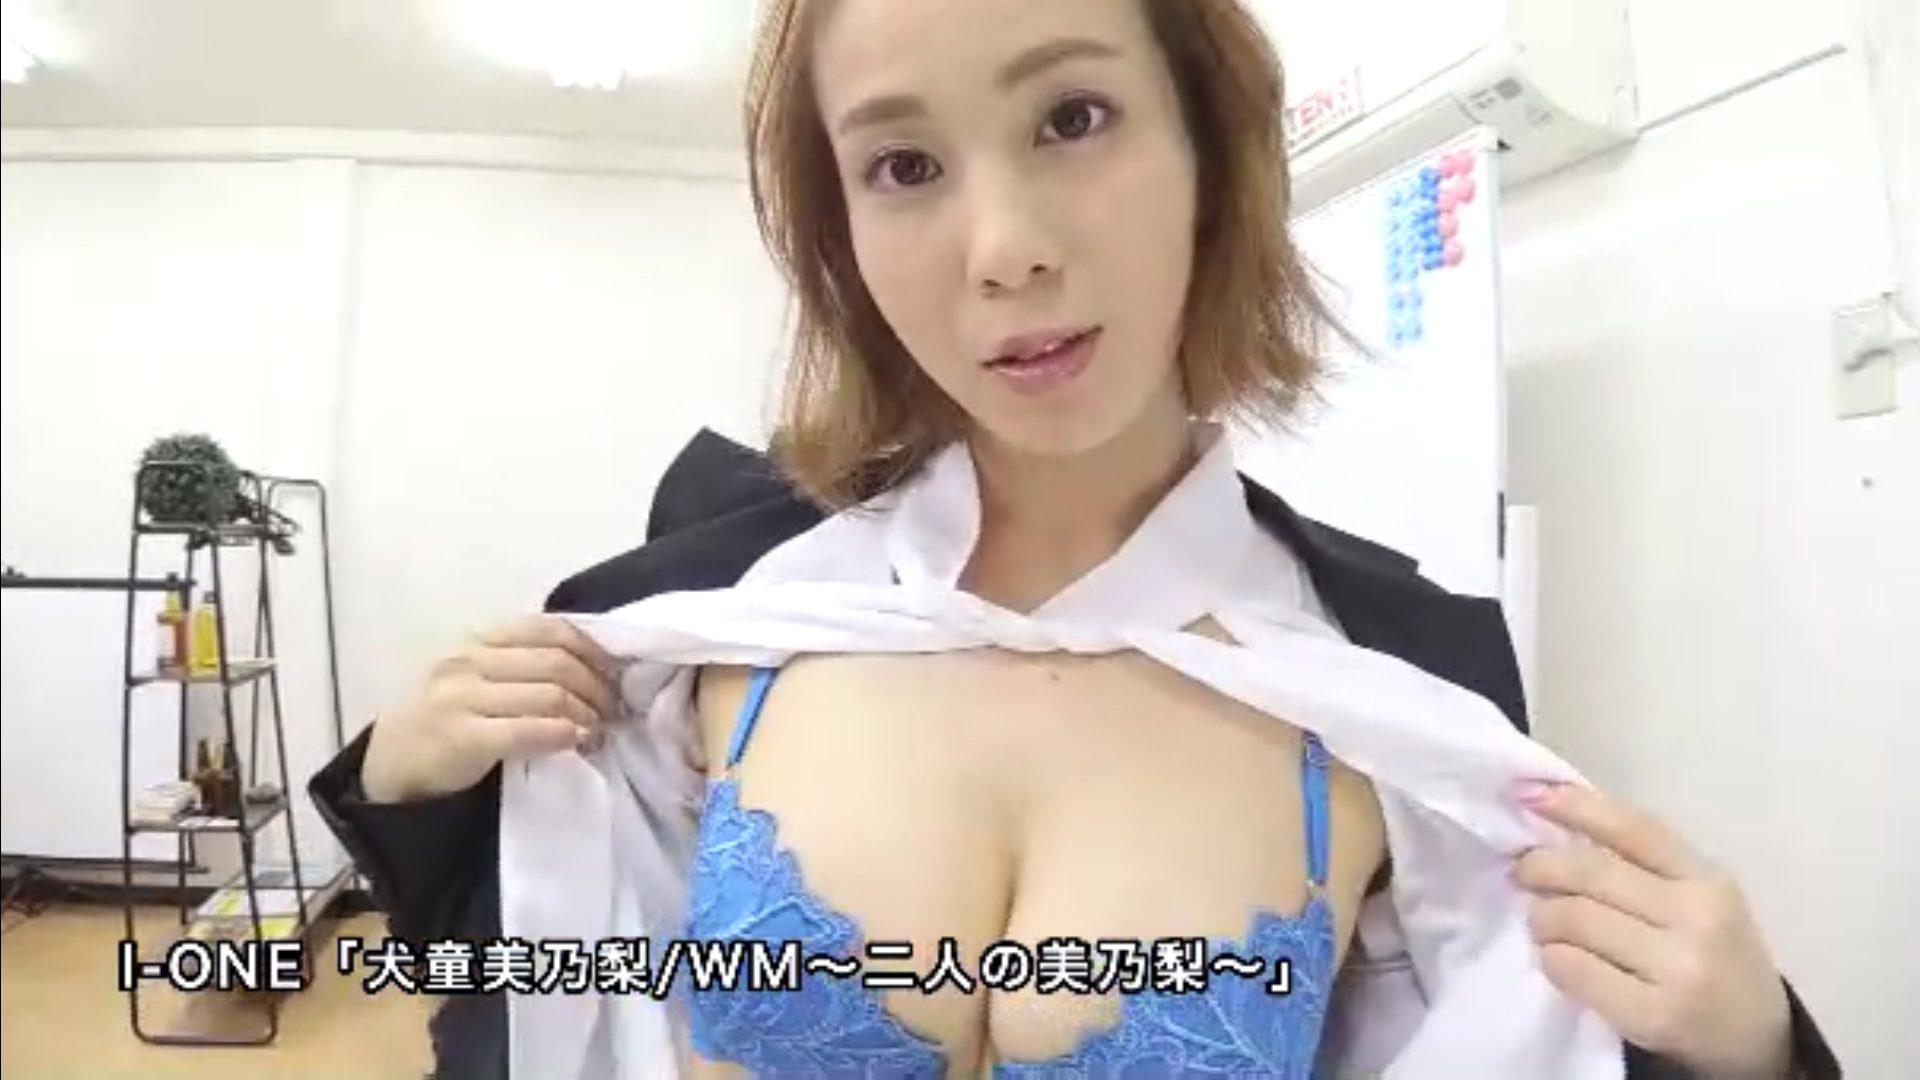 【犬童美乃梨】Gカップ17 「WM ~二人の美乃梨~」サンプル動画